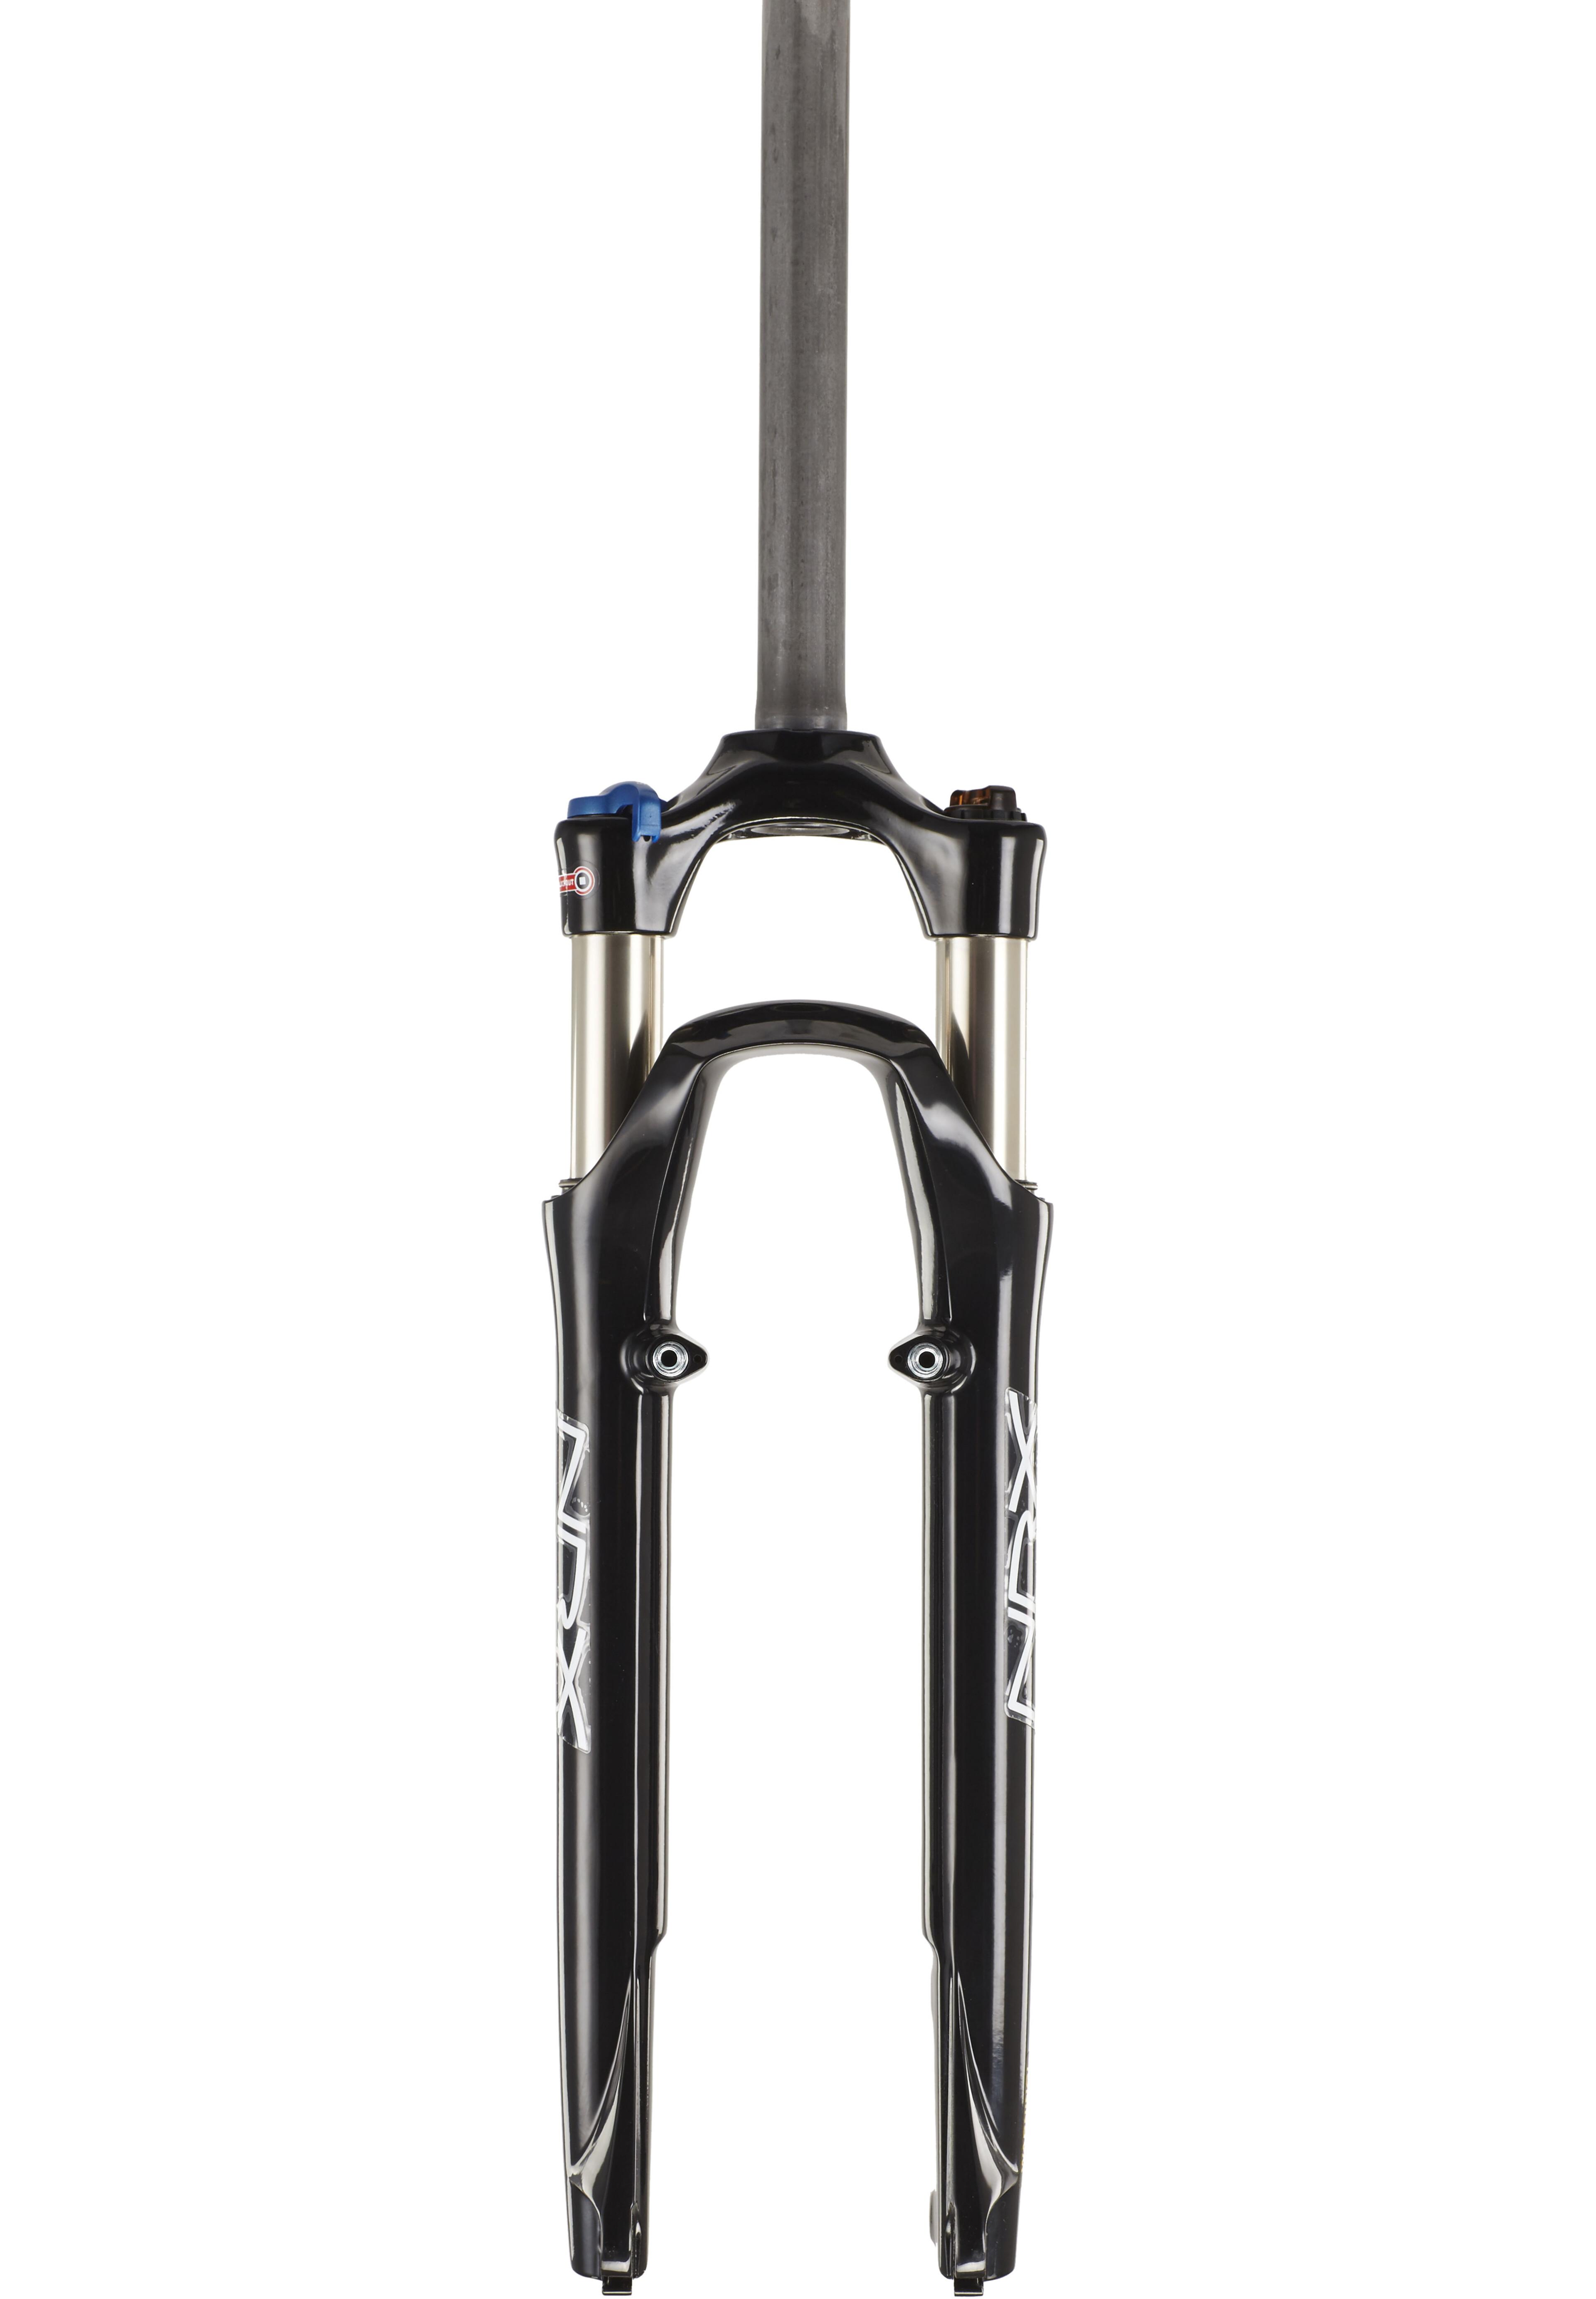 6a1940dc032 SR Suntour SF11-NRX D-LO Suspension Fork 28 black at Bikester.co.uk